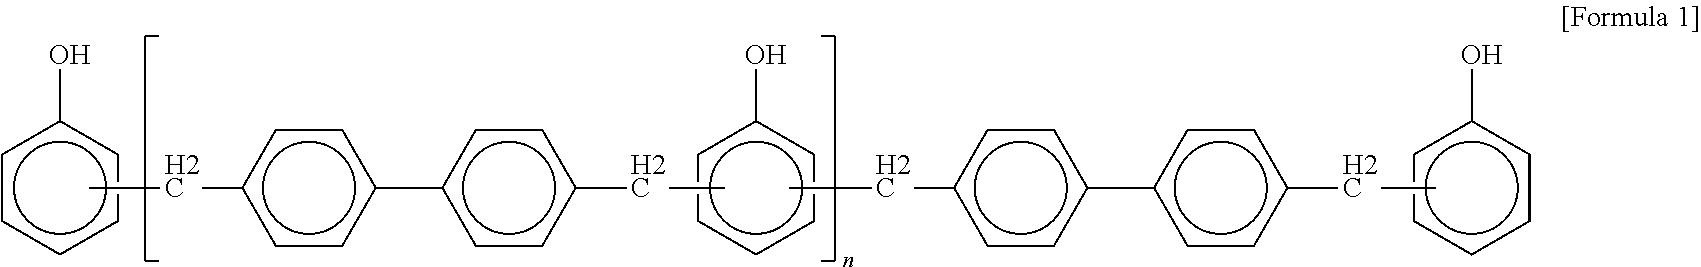 Figure US20110189835A1-20110804-C00001